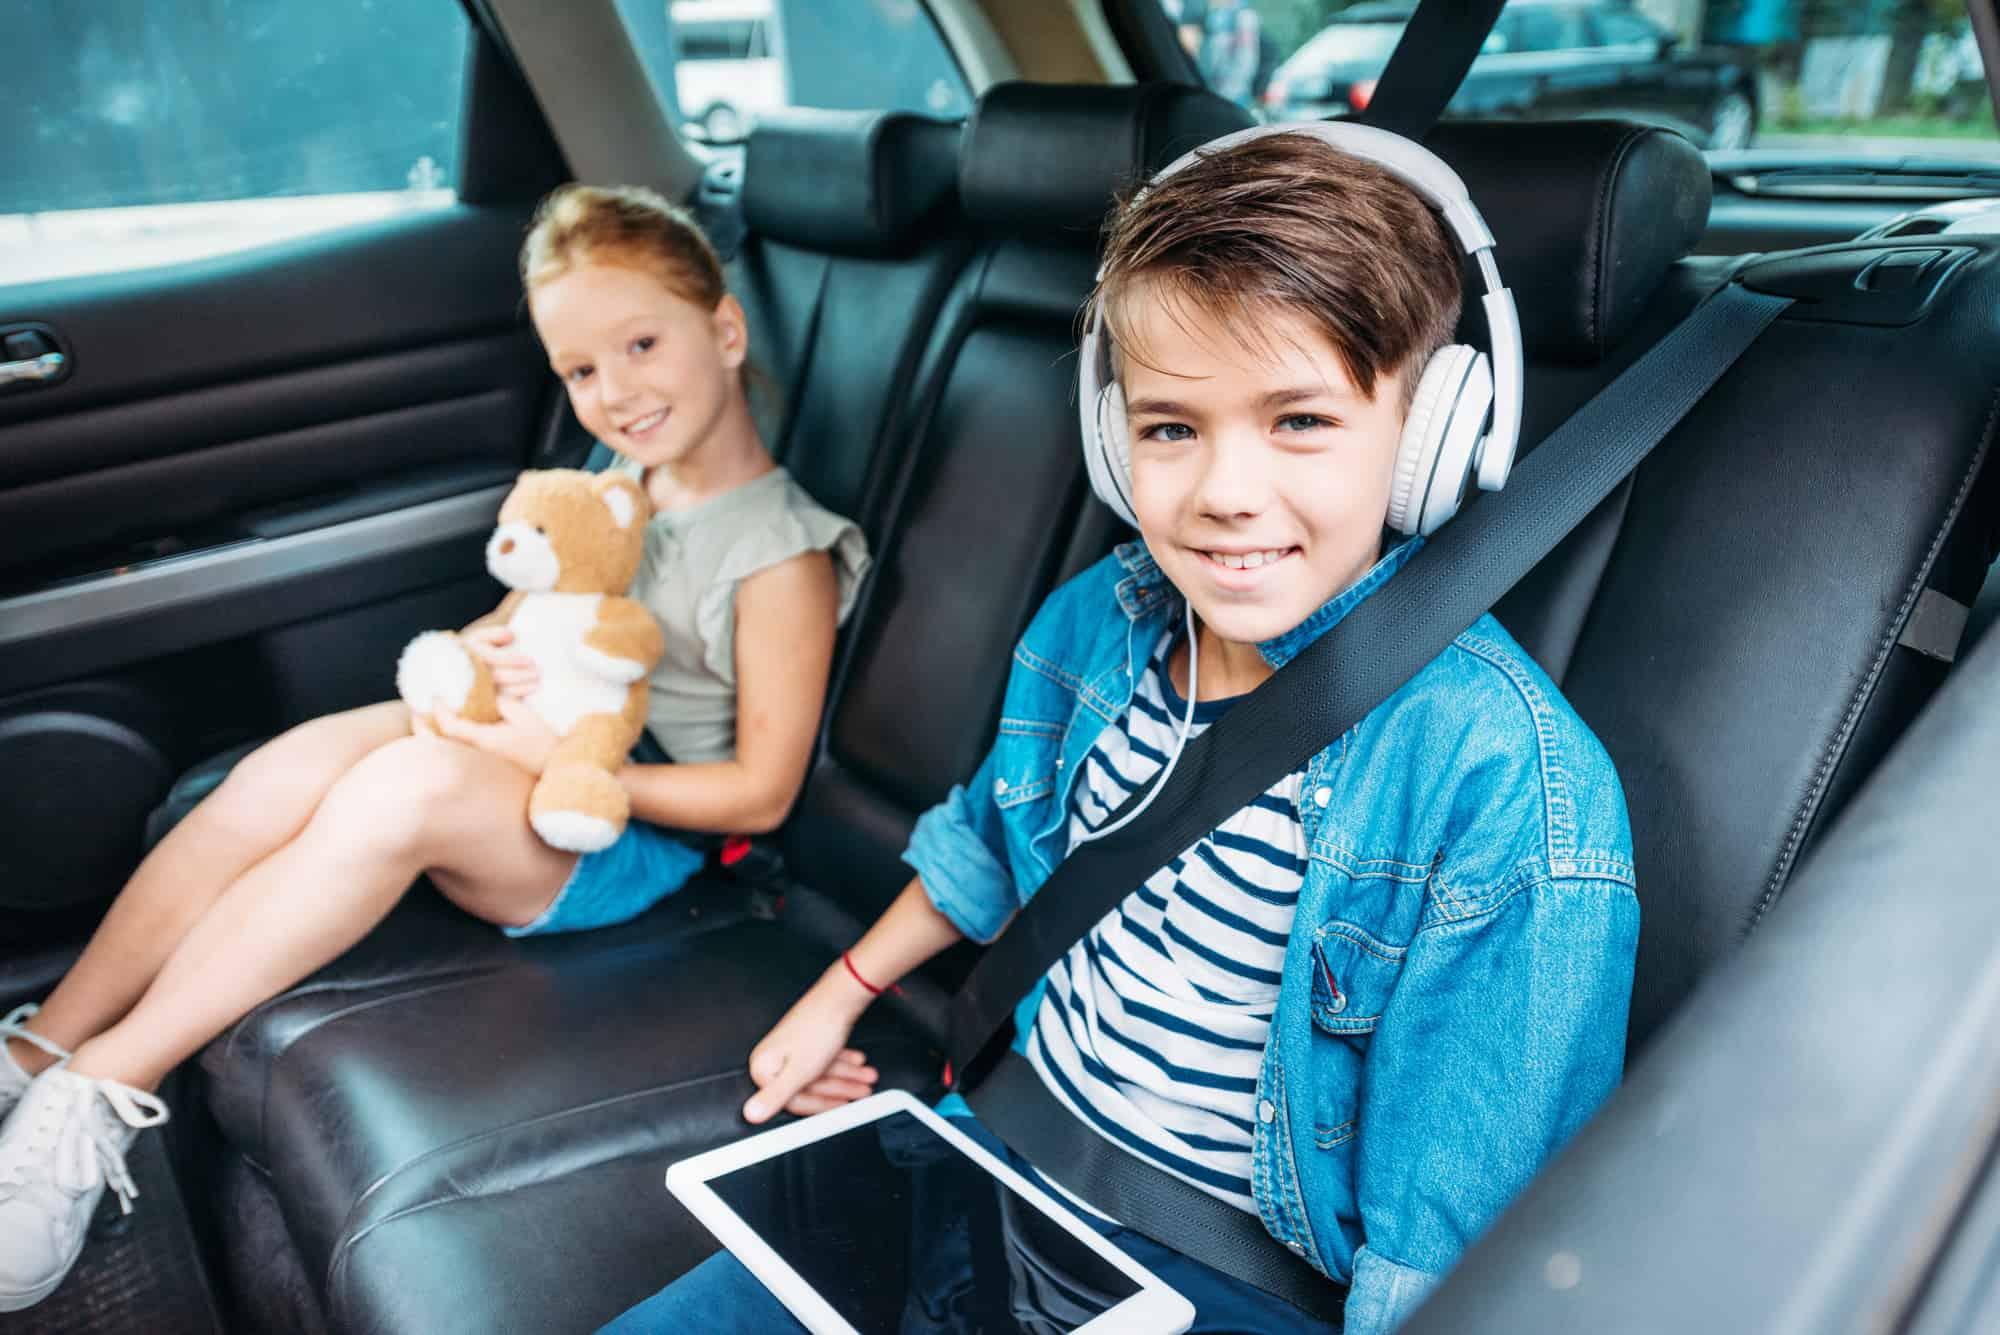 to børn på bagsædet i en bil pigen med en bamse og drengen med en ipad ferie